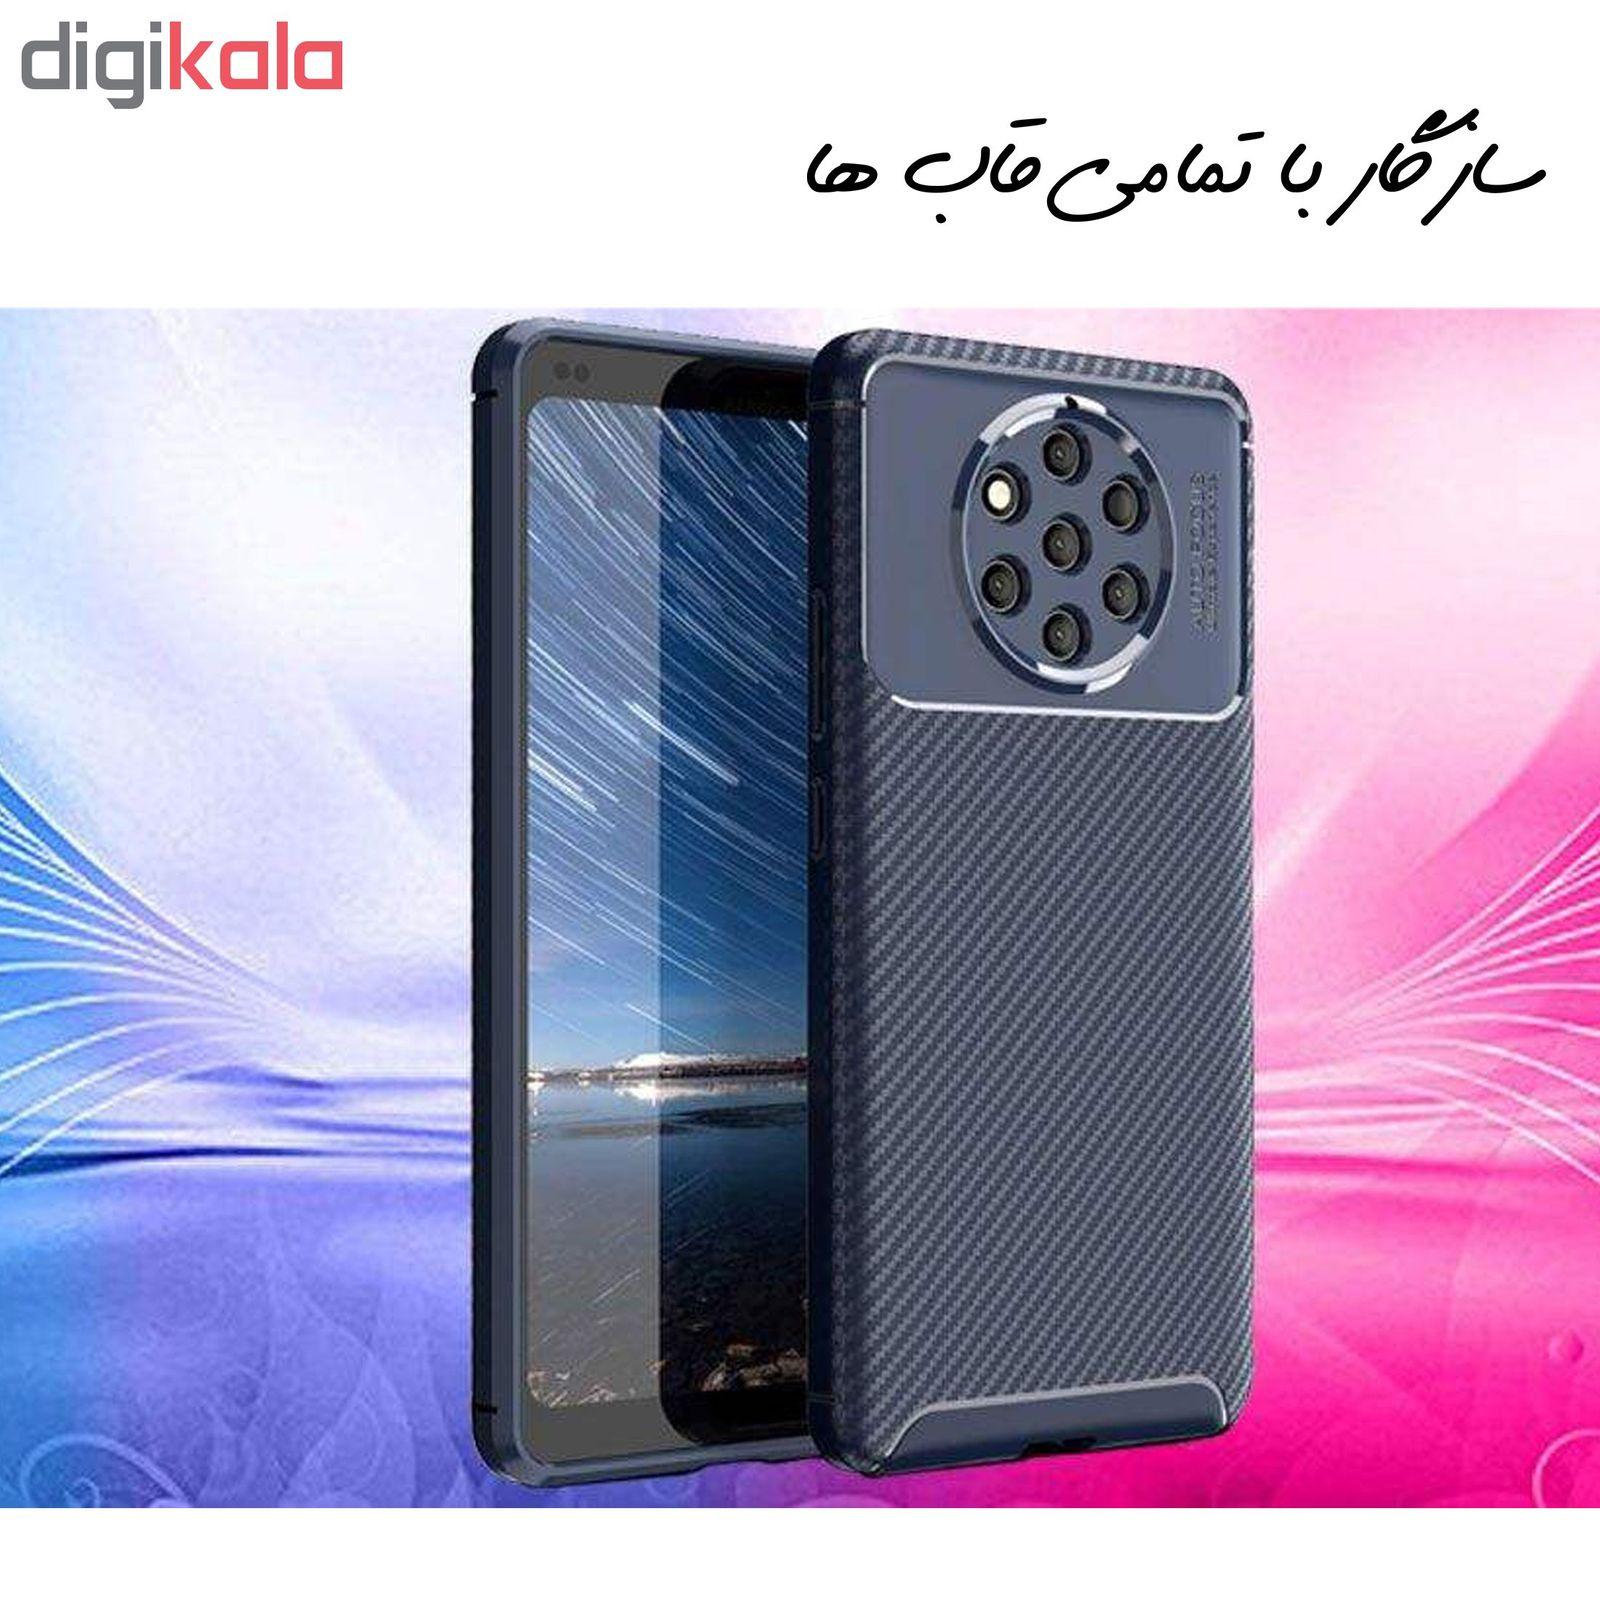 محافظ صفحه نمایش hard and thick مدل F-001 مناسب برای گوشی موبایل سامسونگ Galaxy M30 بسته دو عددی main 1 6